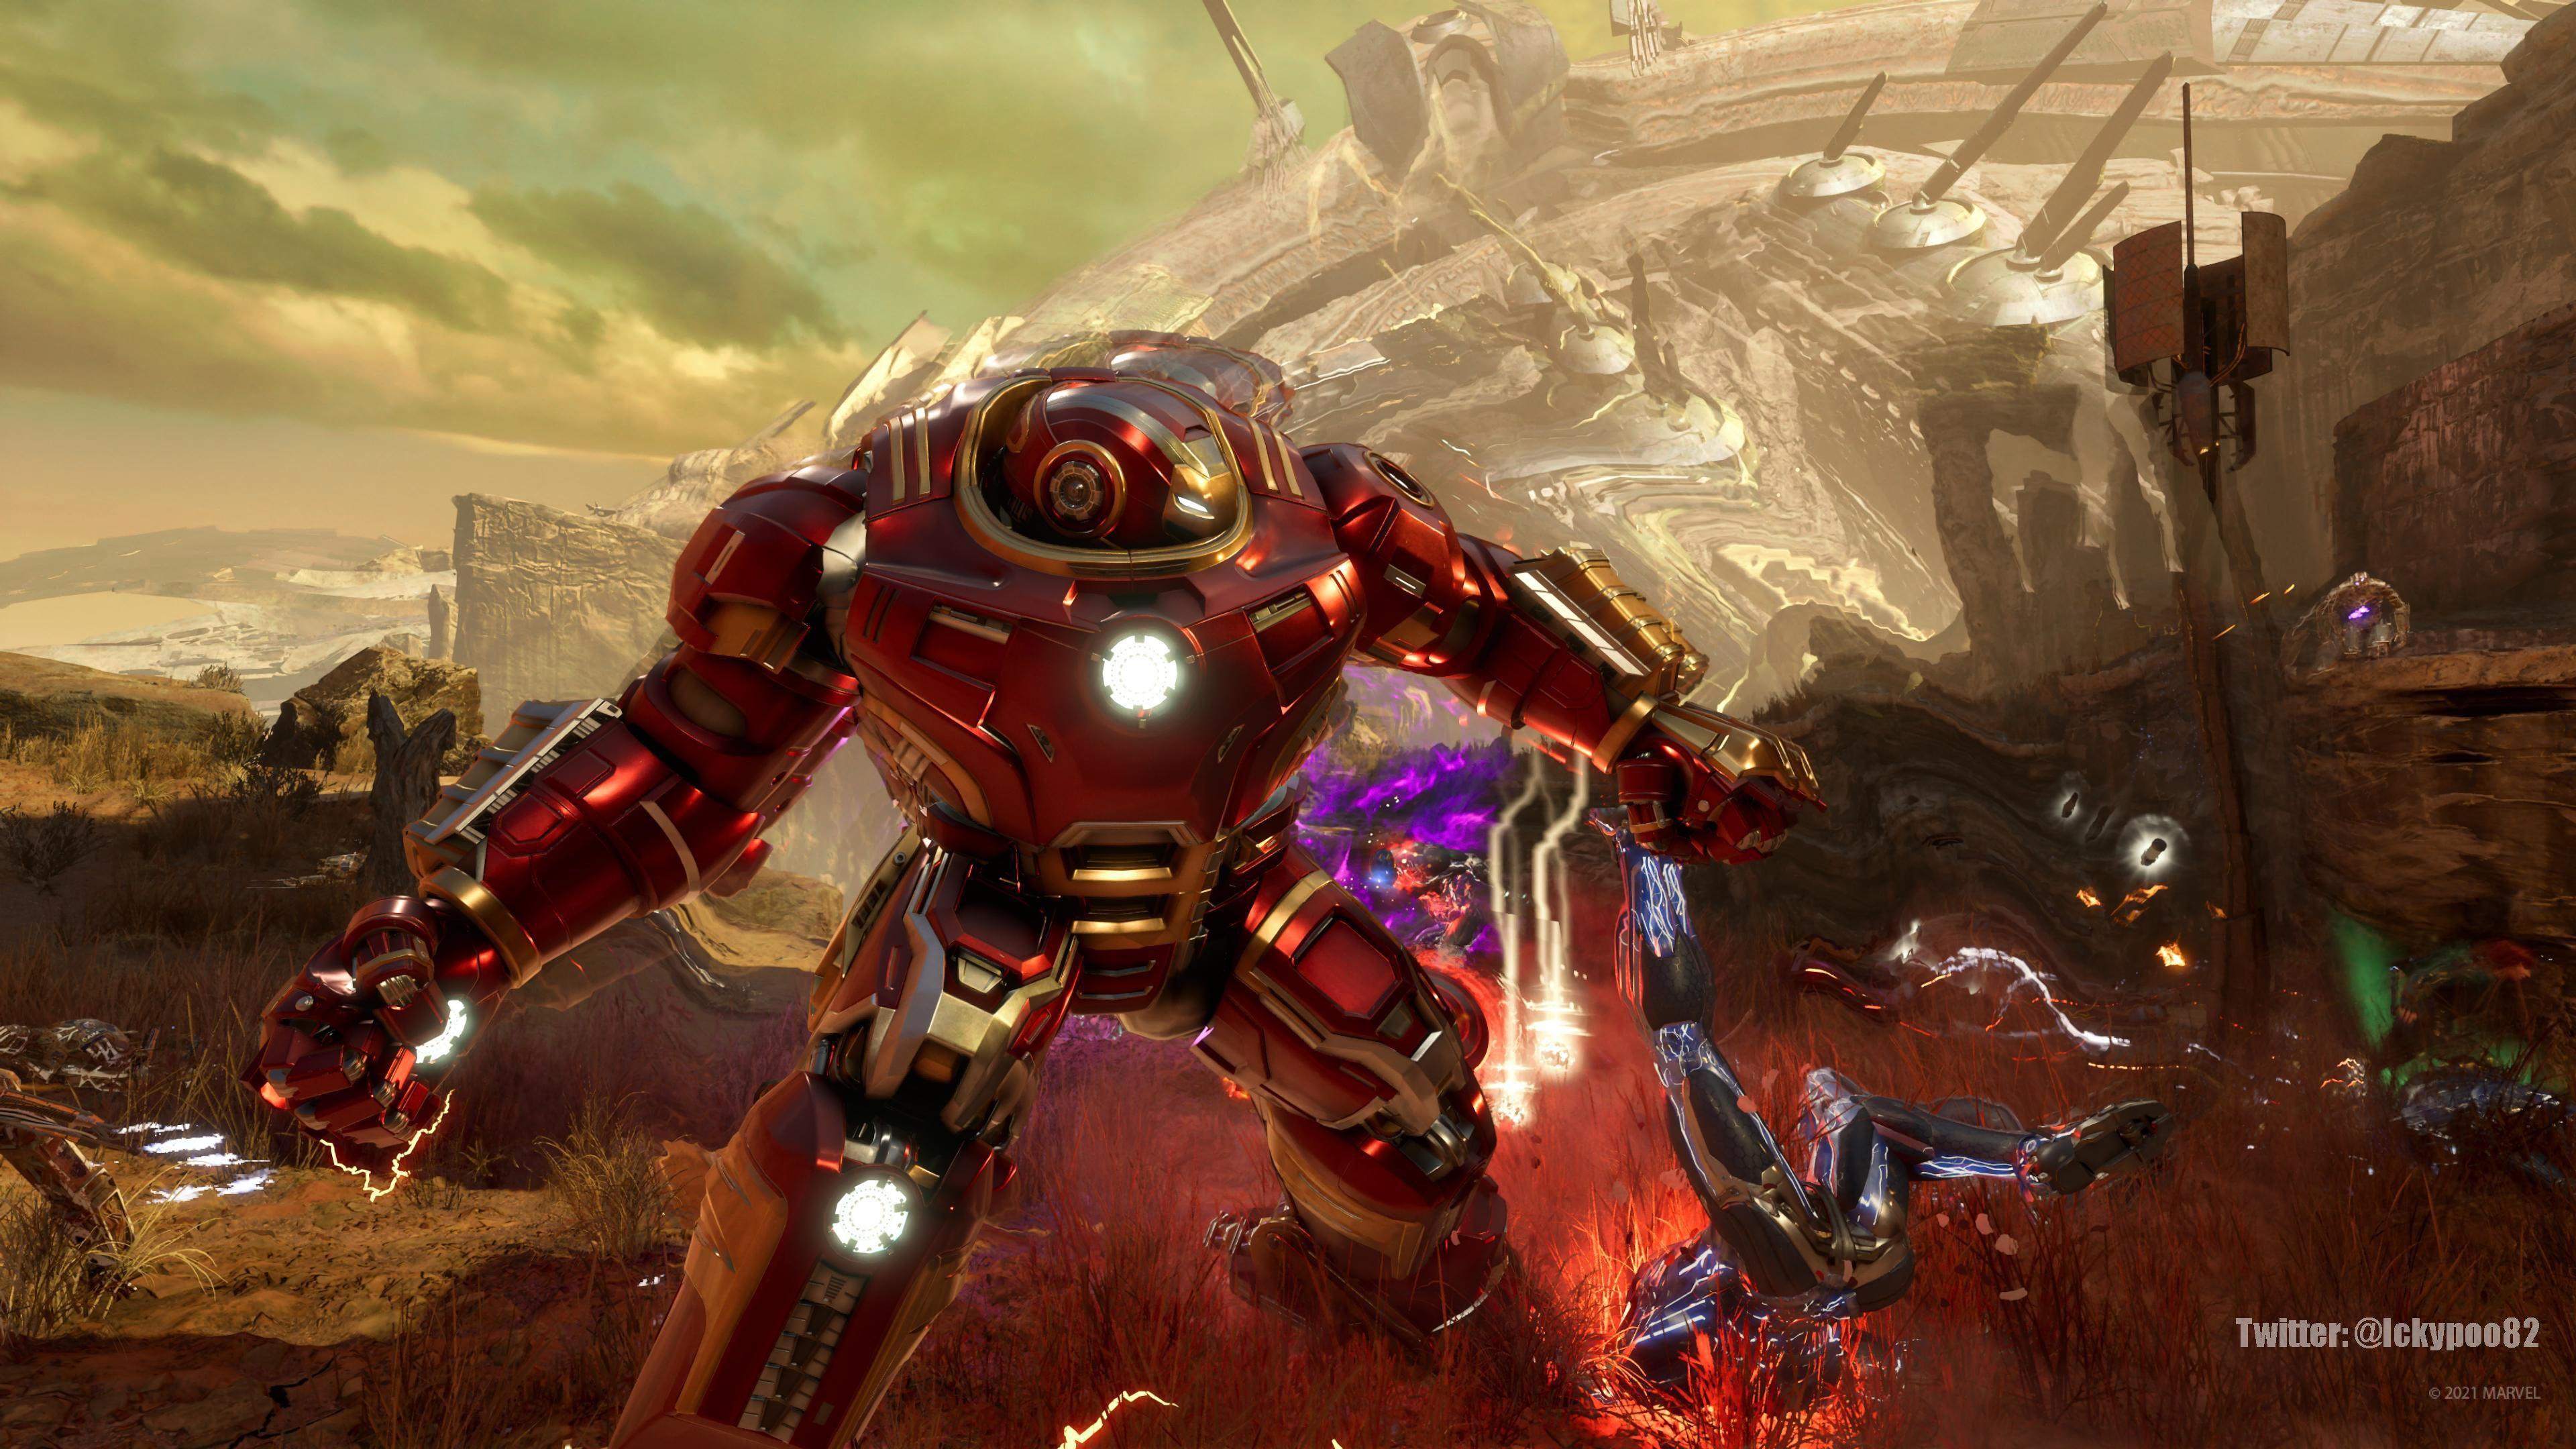 Una captura de pantalla de Iron Man con la Hulkbuster. Está en el árido páramo. Los restos de una nave alienígena enorme se vislumbran al fondo, como si de una montaña mecánica se tratase.